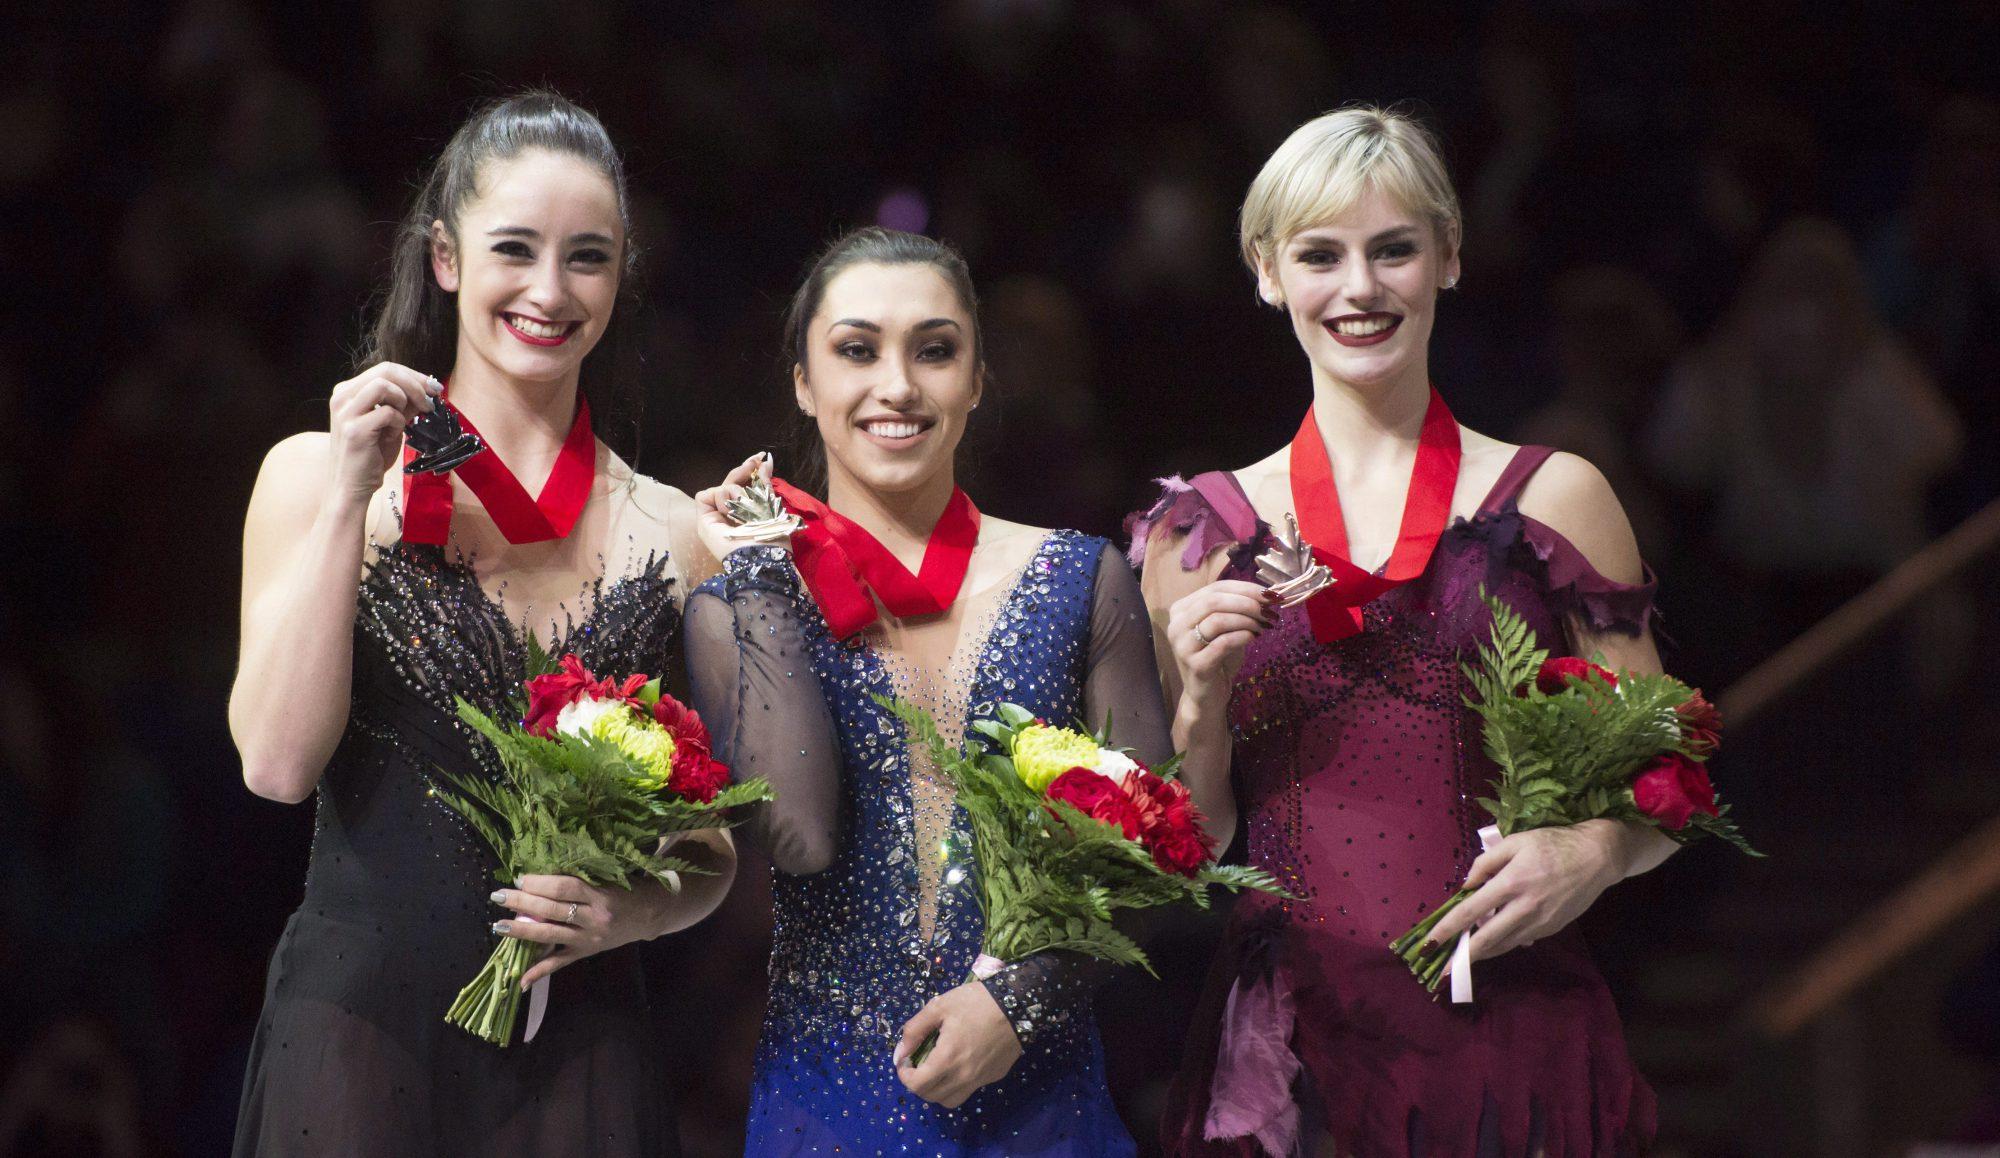 Team Canada Women's Podium 2018 Nationals